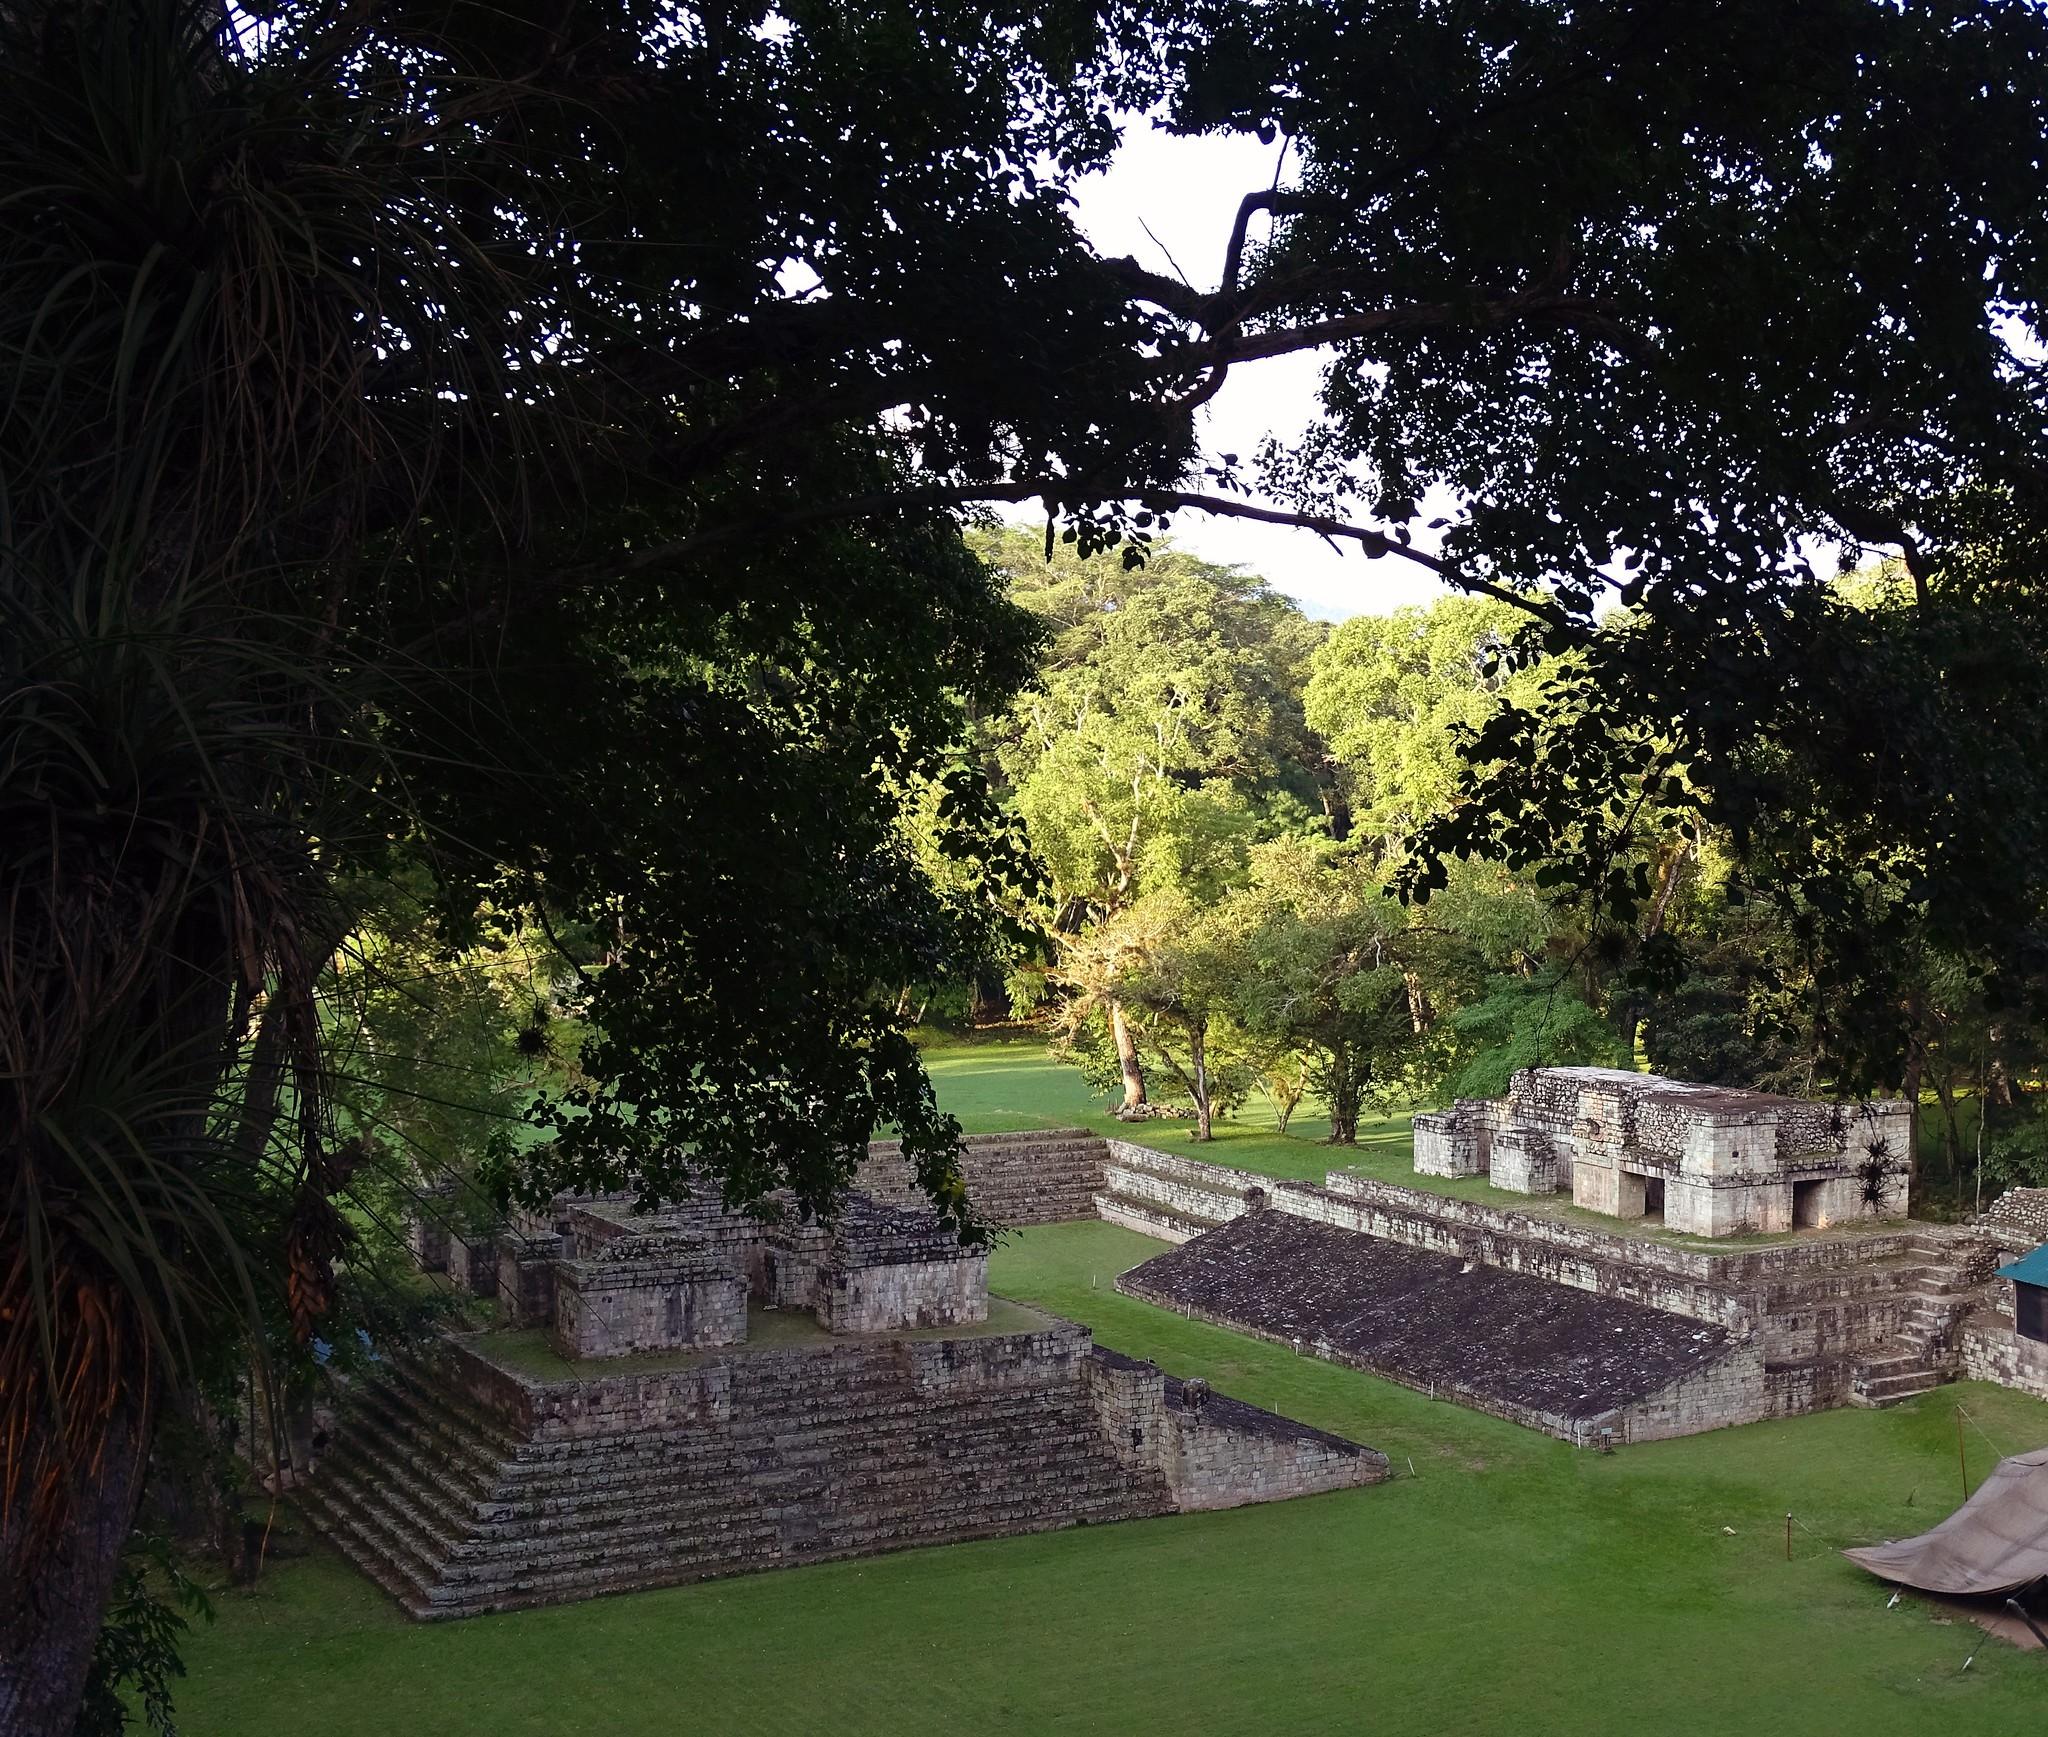 Juego de Pelota sitio arqueologico Maya de Copan Honduras